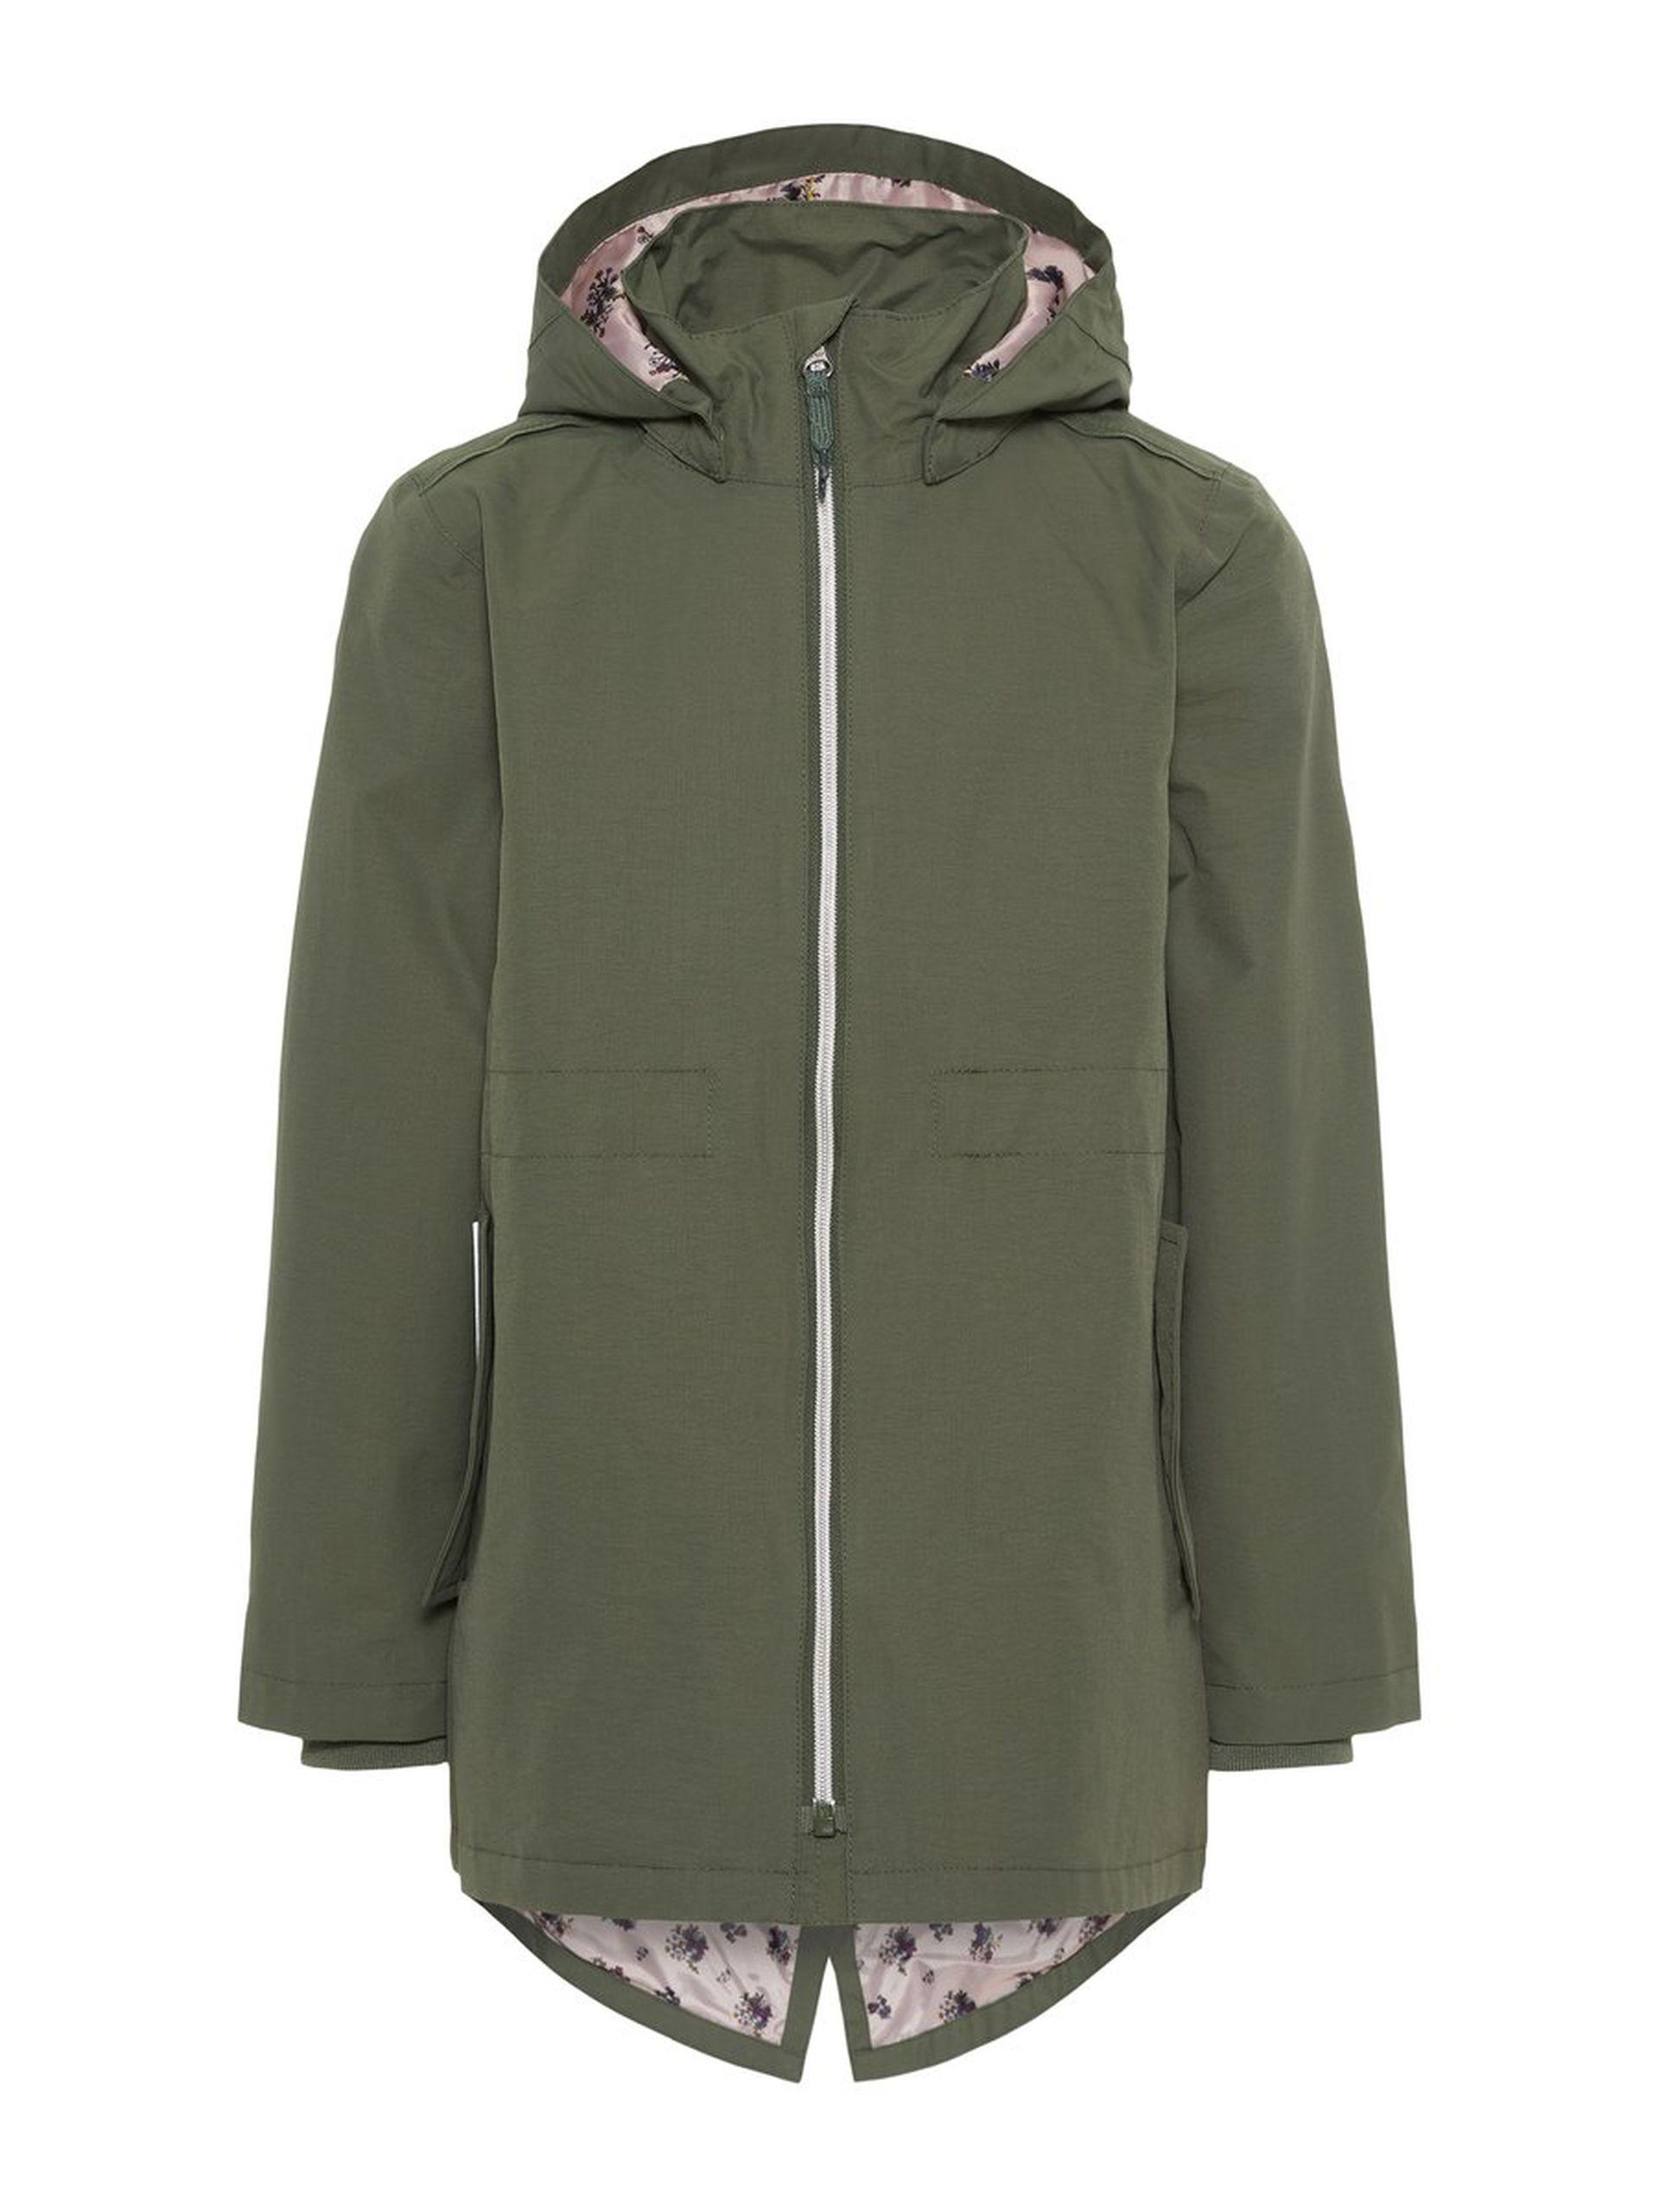 3f0eb36e Vårjakke til barn, jente fra Name It. Grønn jakke som vindtett og ...